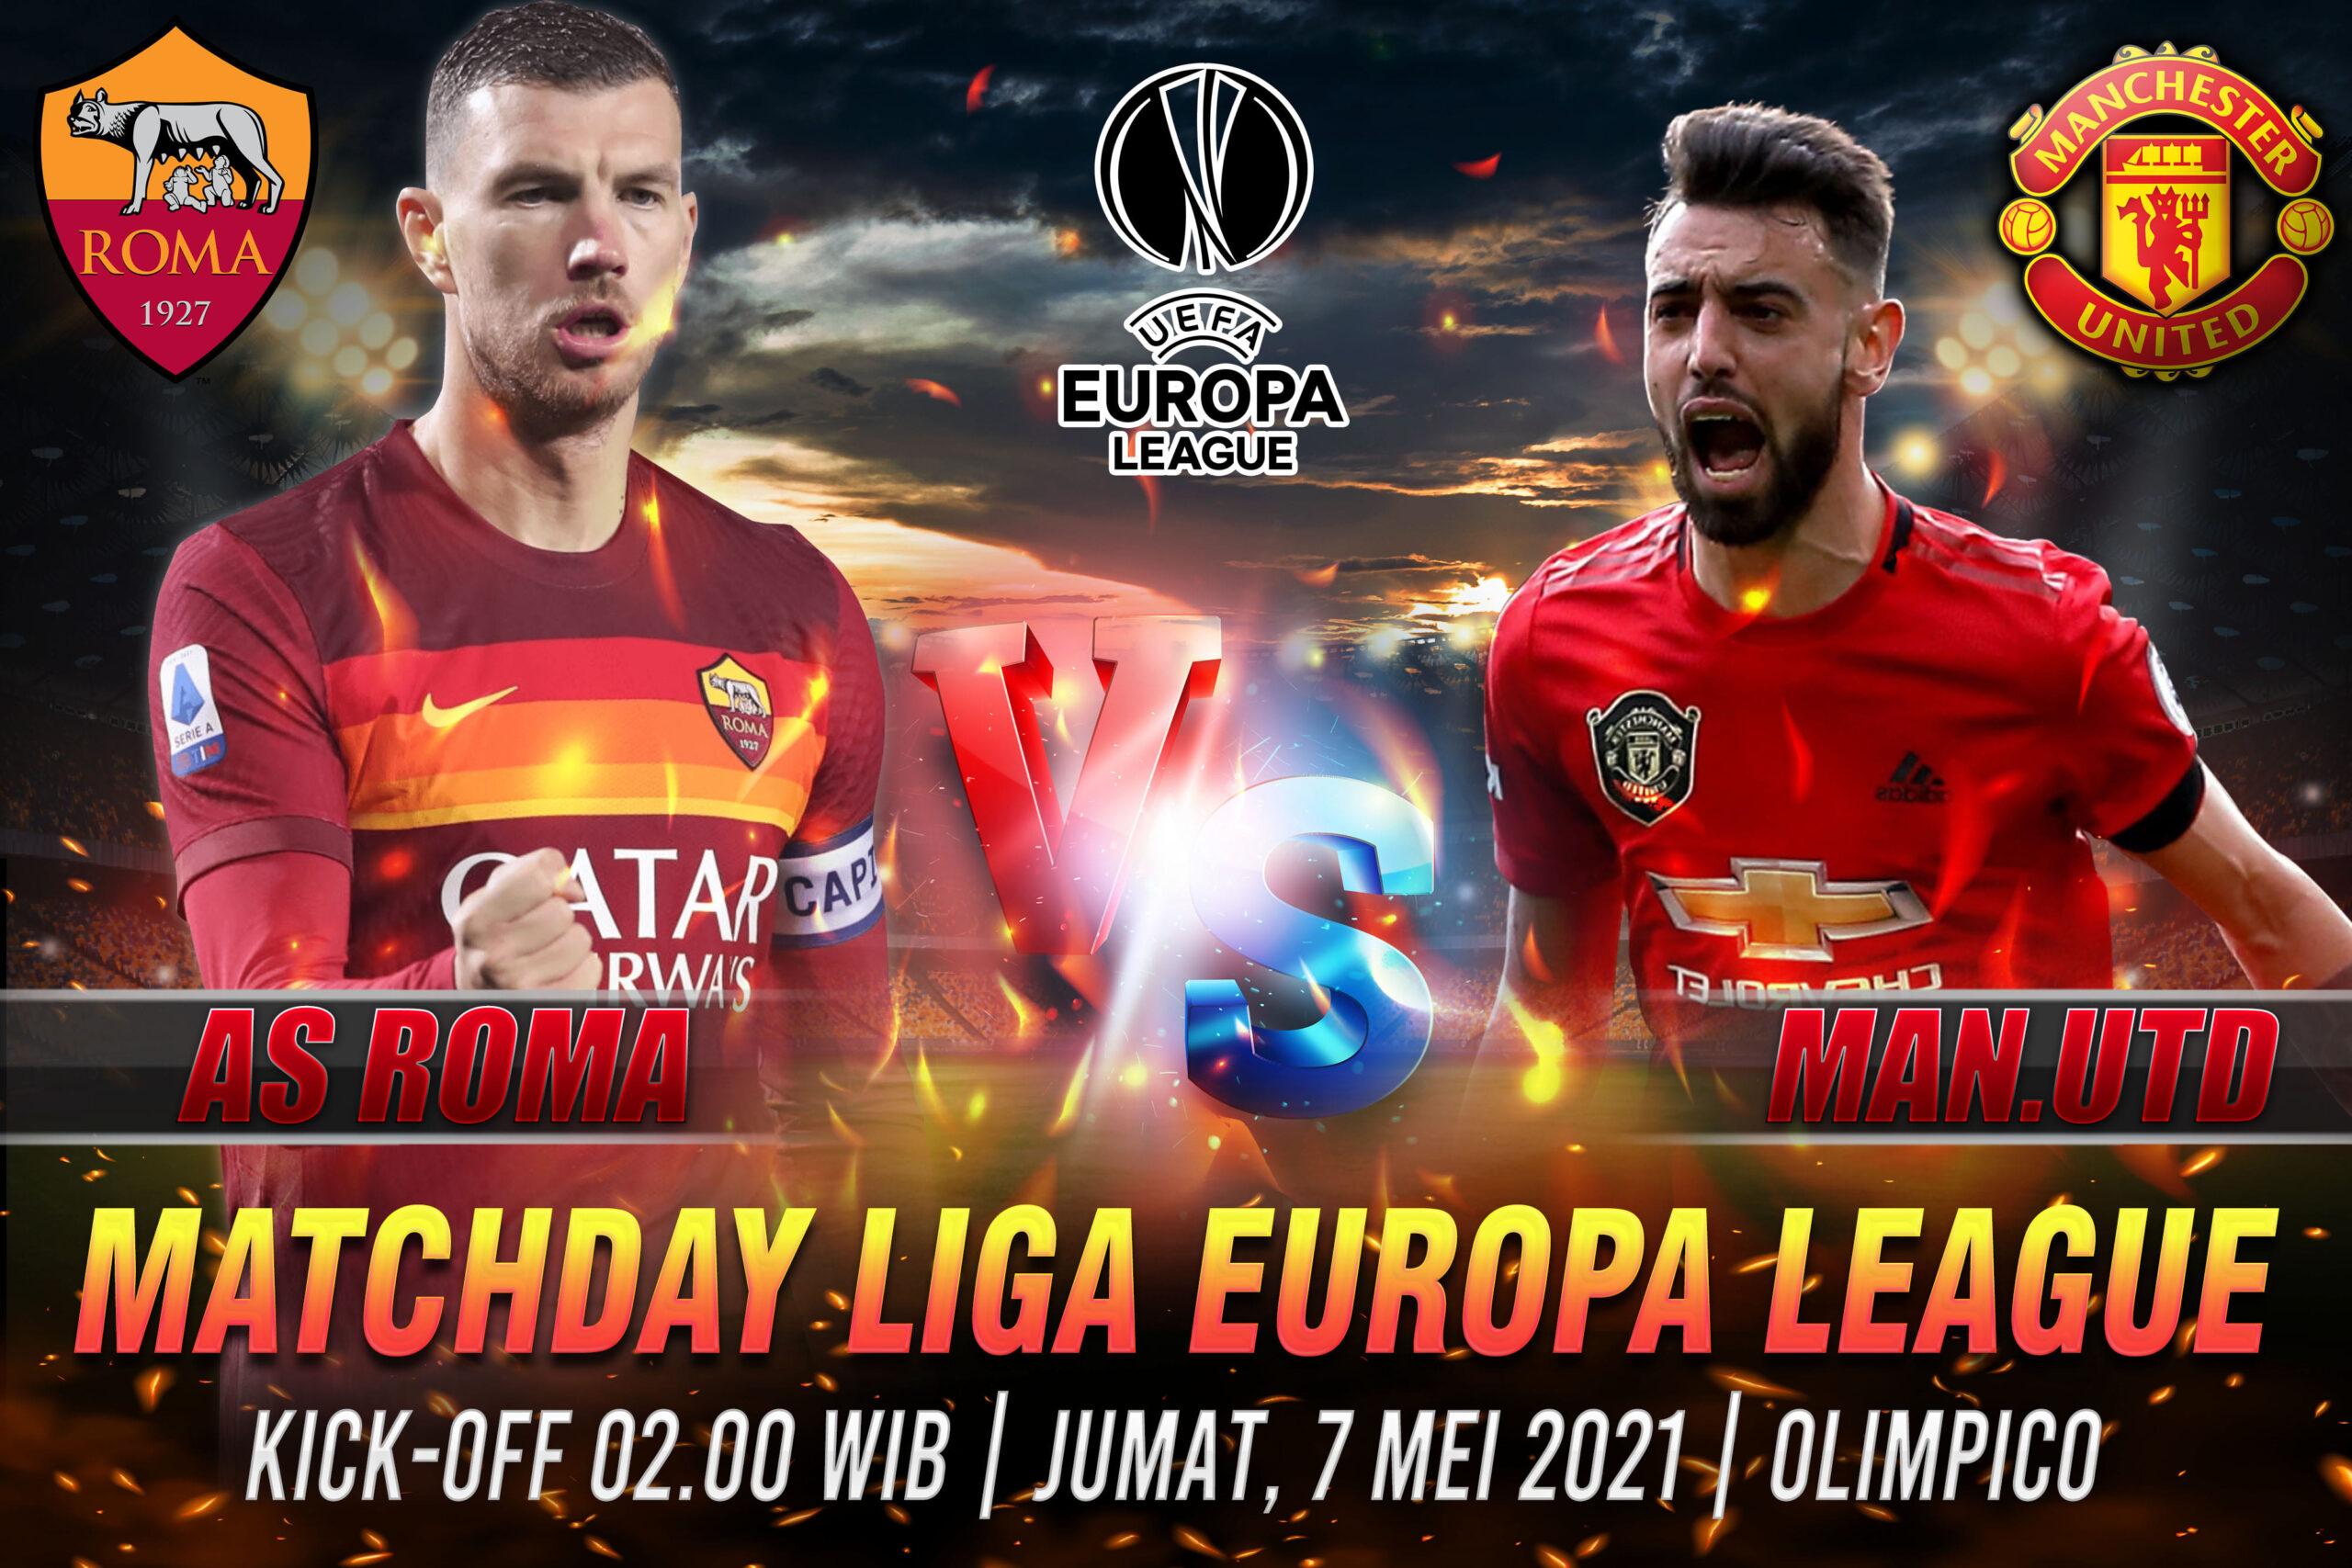 Prediksi Semifinal Piala Eropa Roma vs Manchester Utd 7 Mei 2021